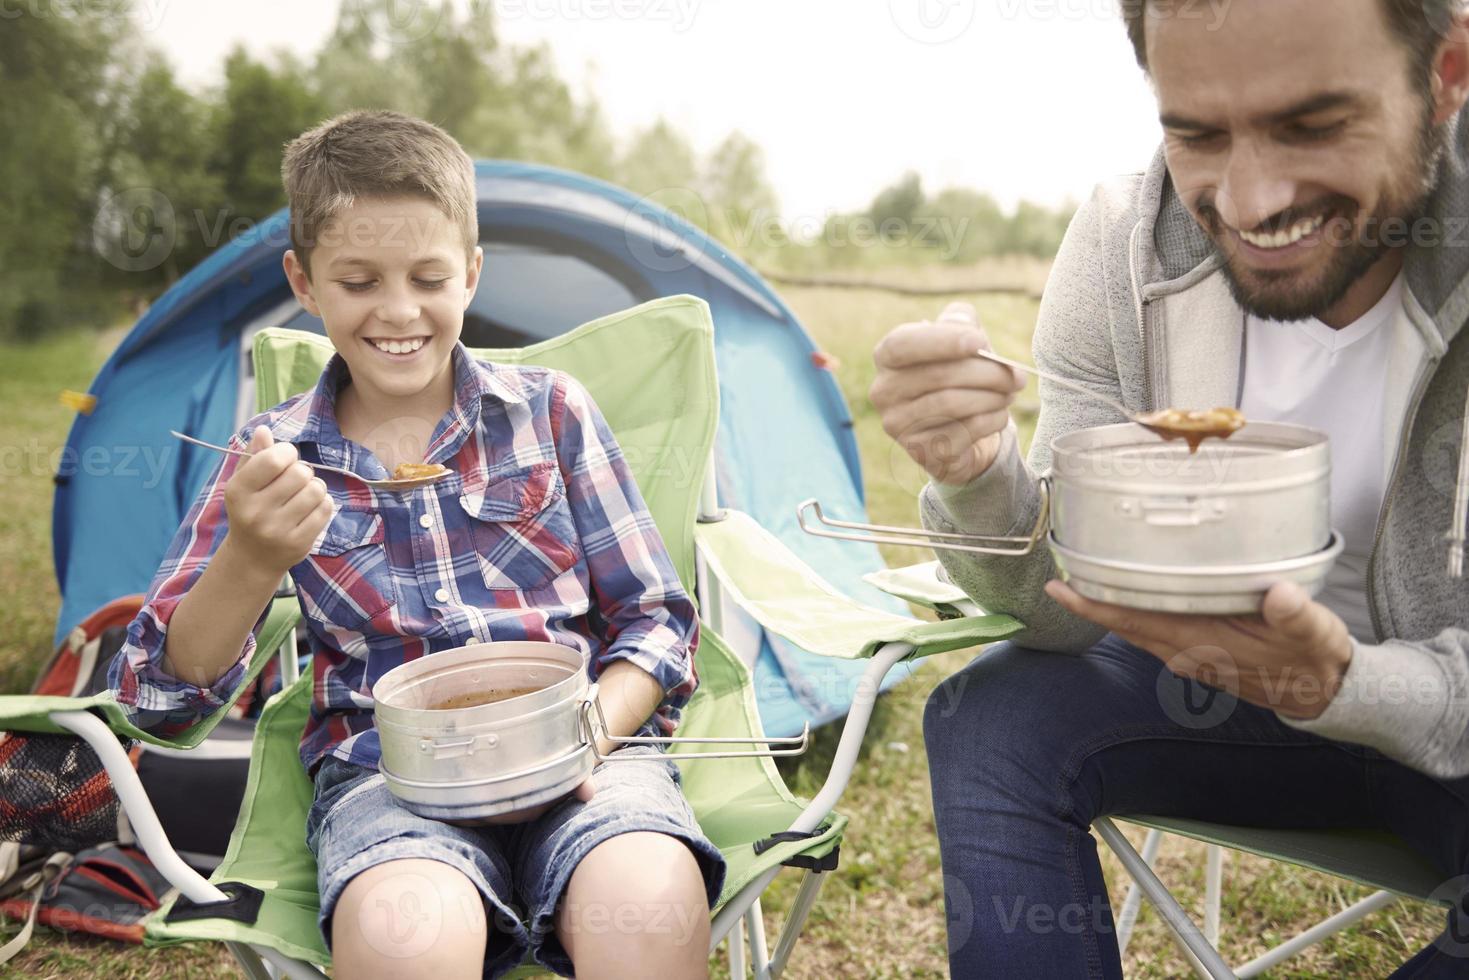 zuppa calda dopo una lunga giornata in campeggio foto